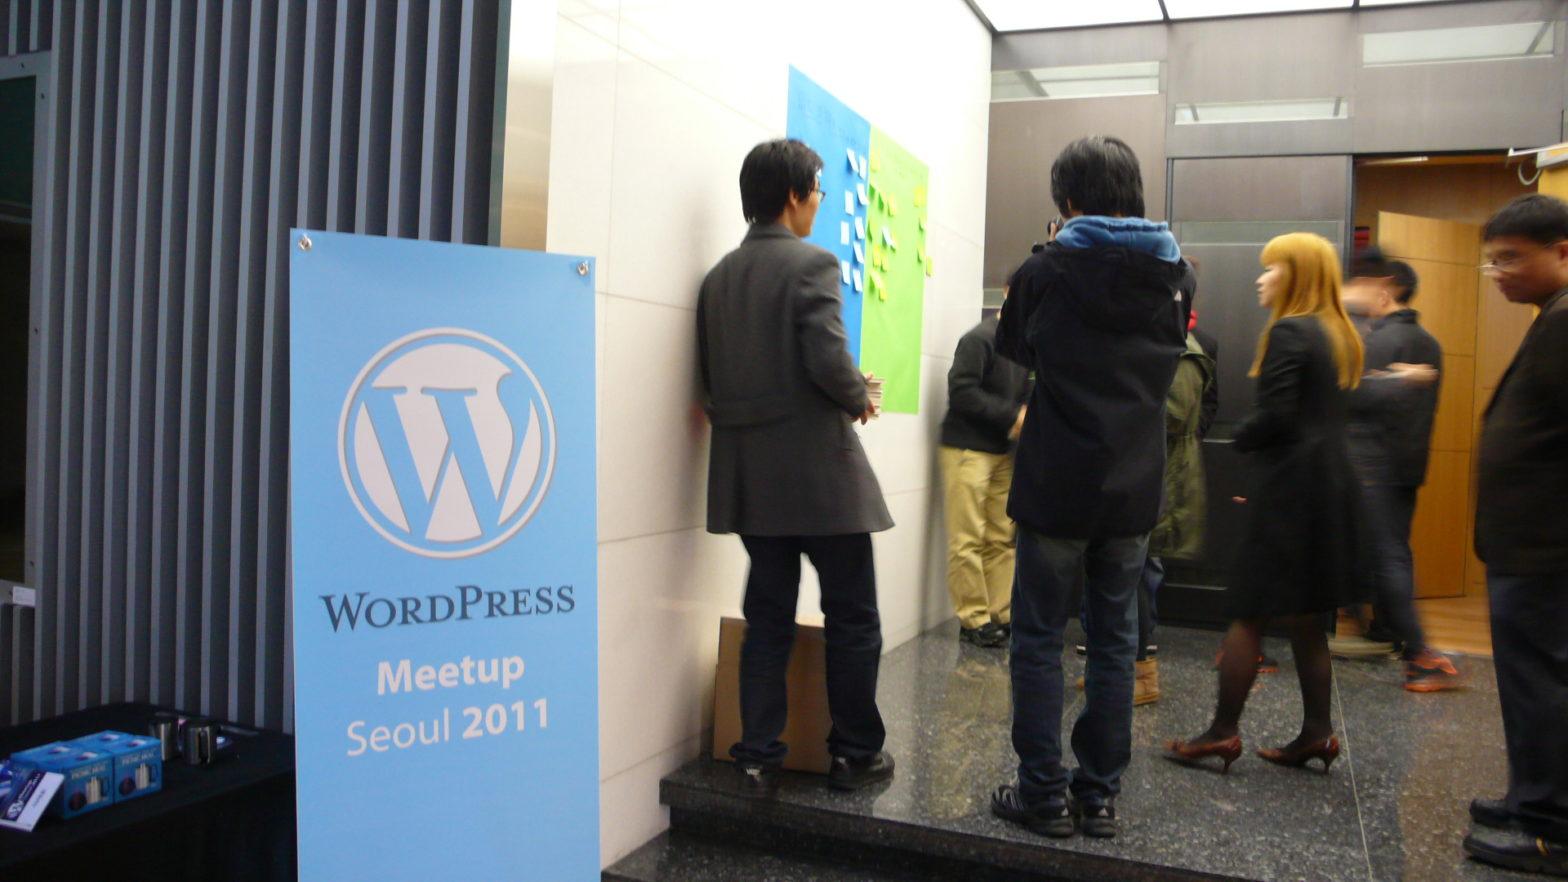 워드프레스 Meetup Seoul 2011